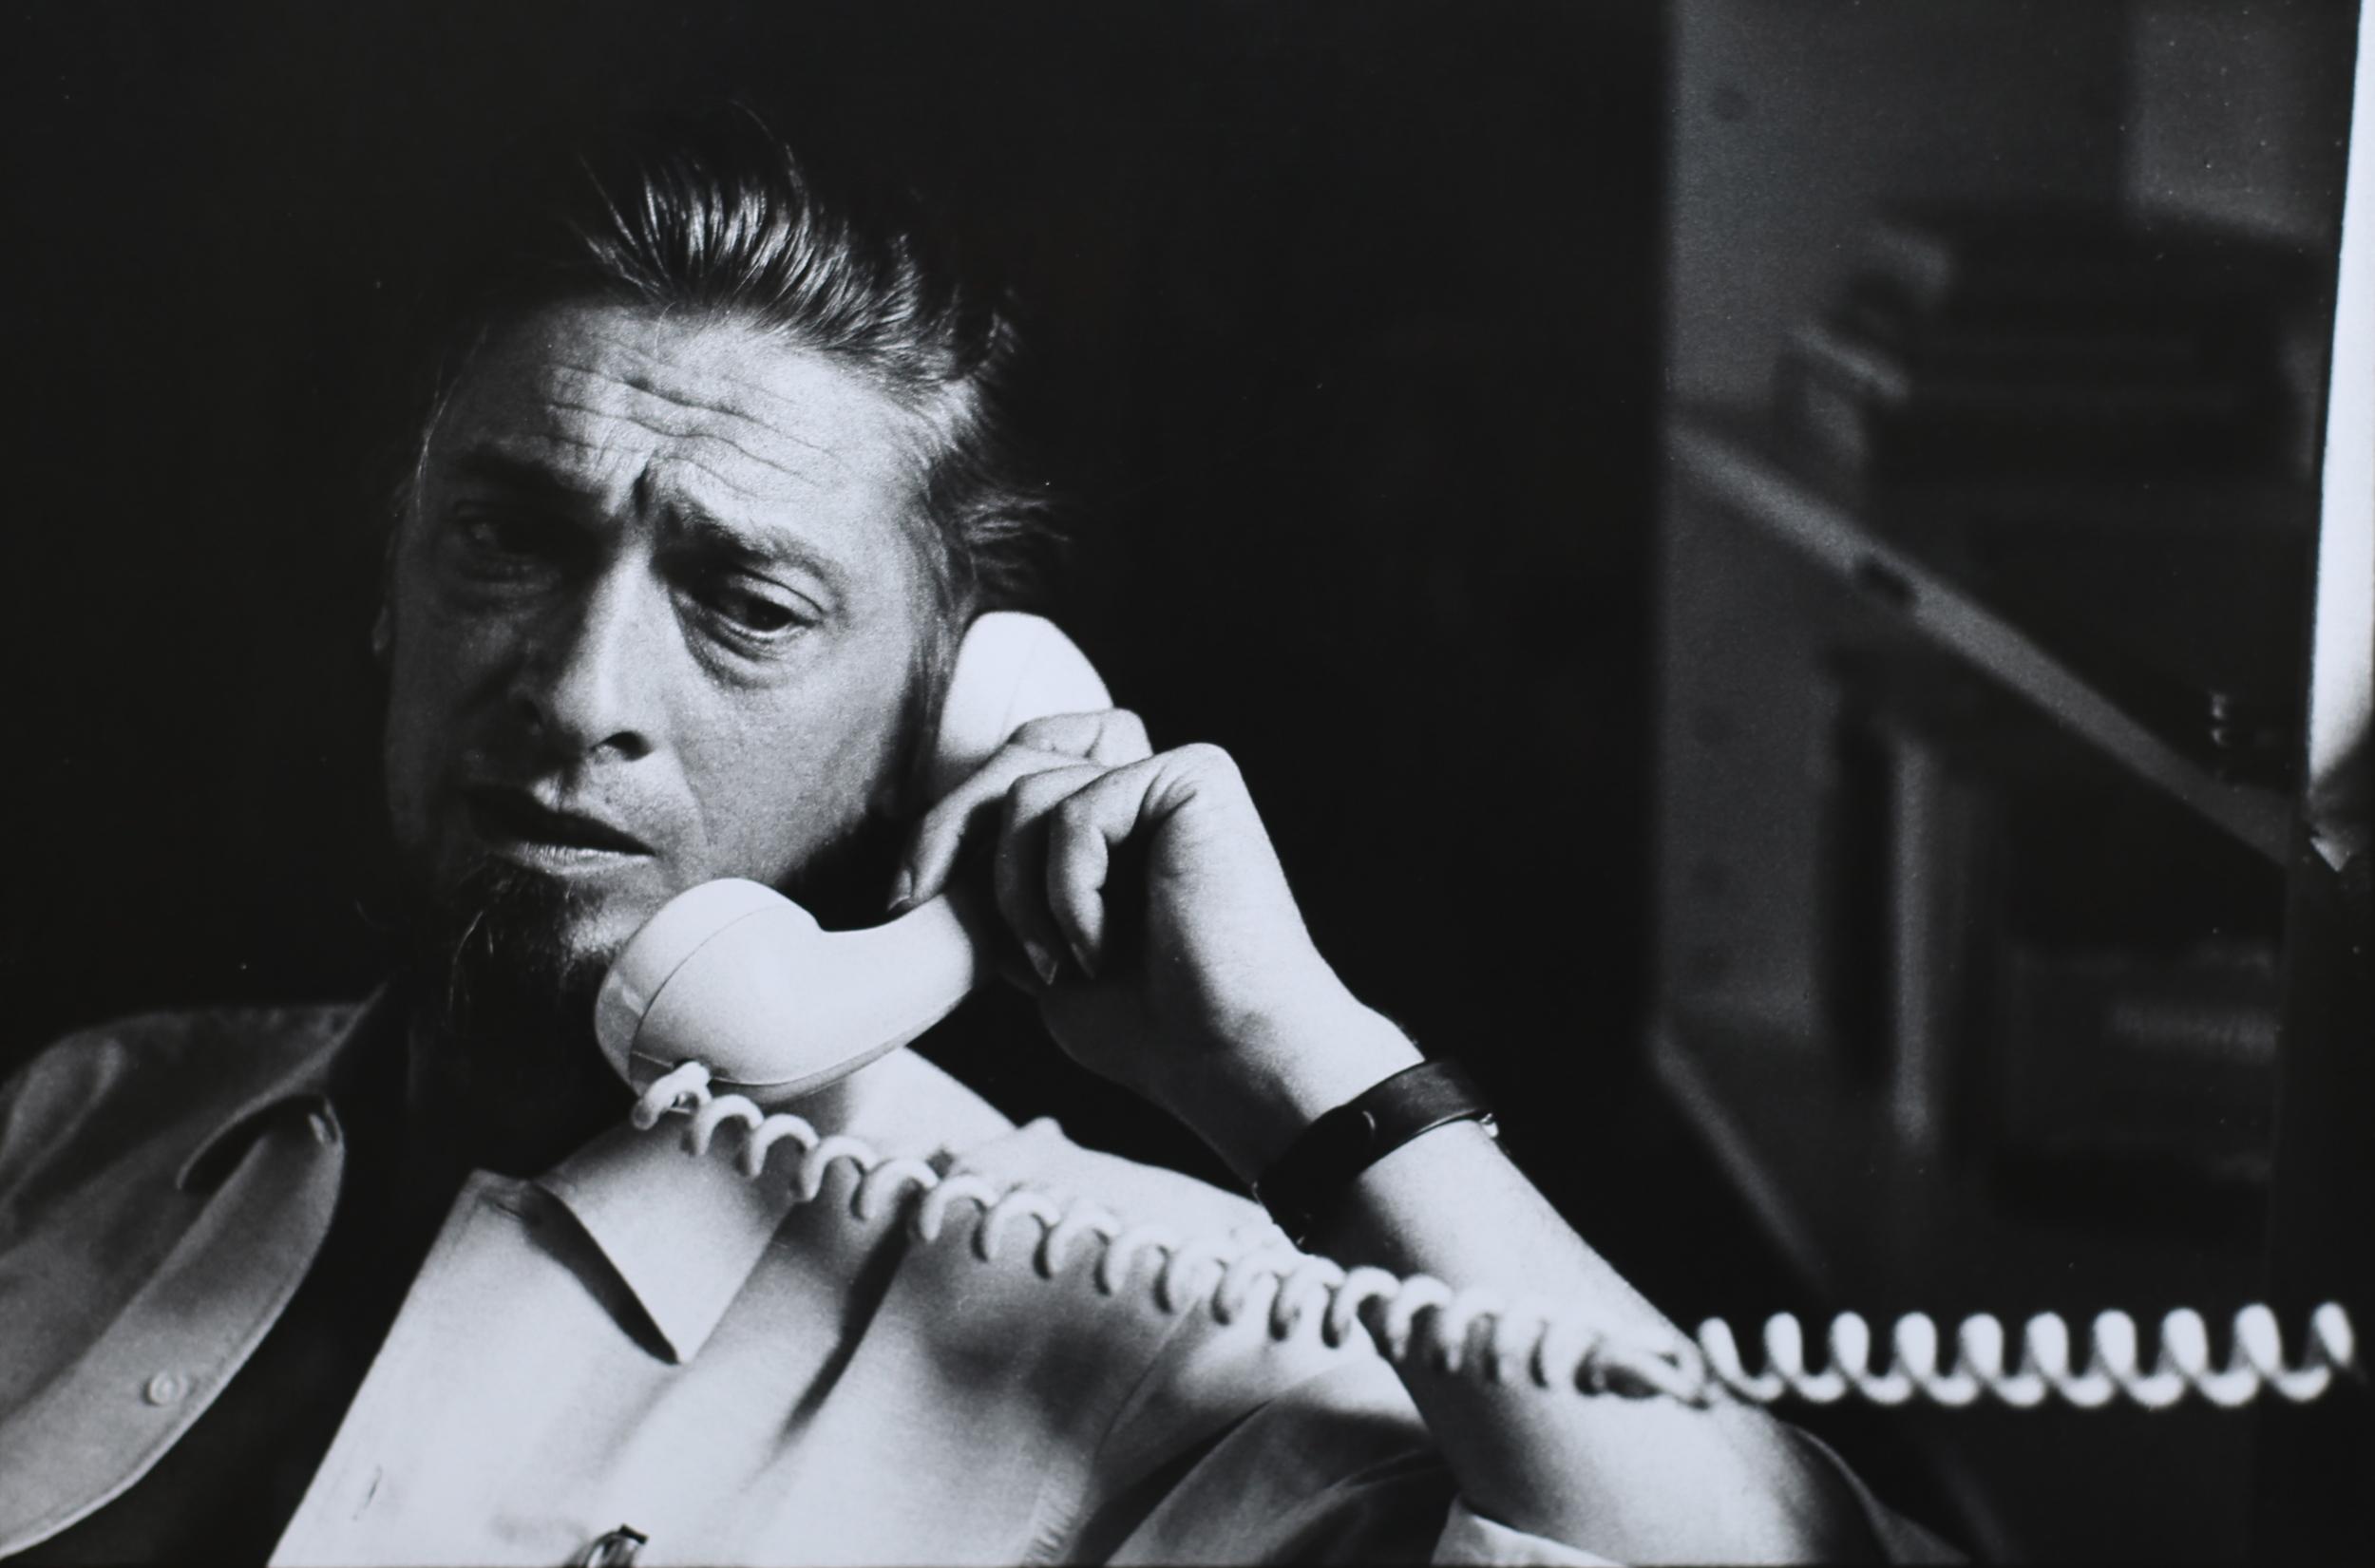 Carlos Barral, editore e poeta. Barcellona, 1969.